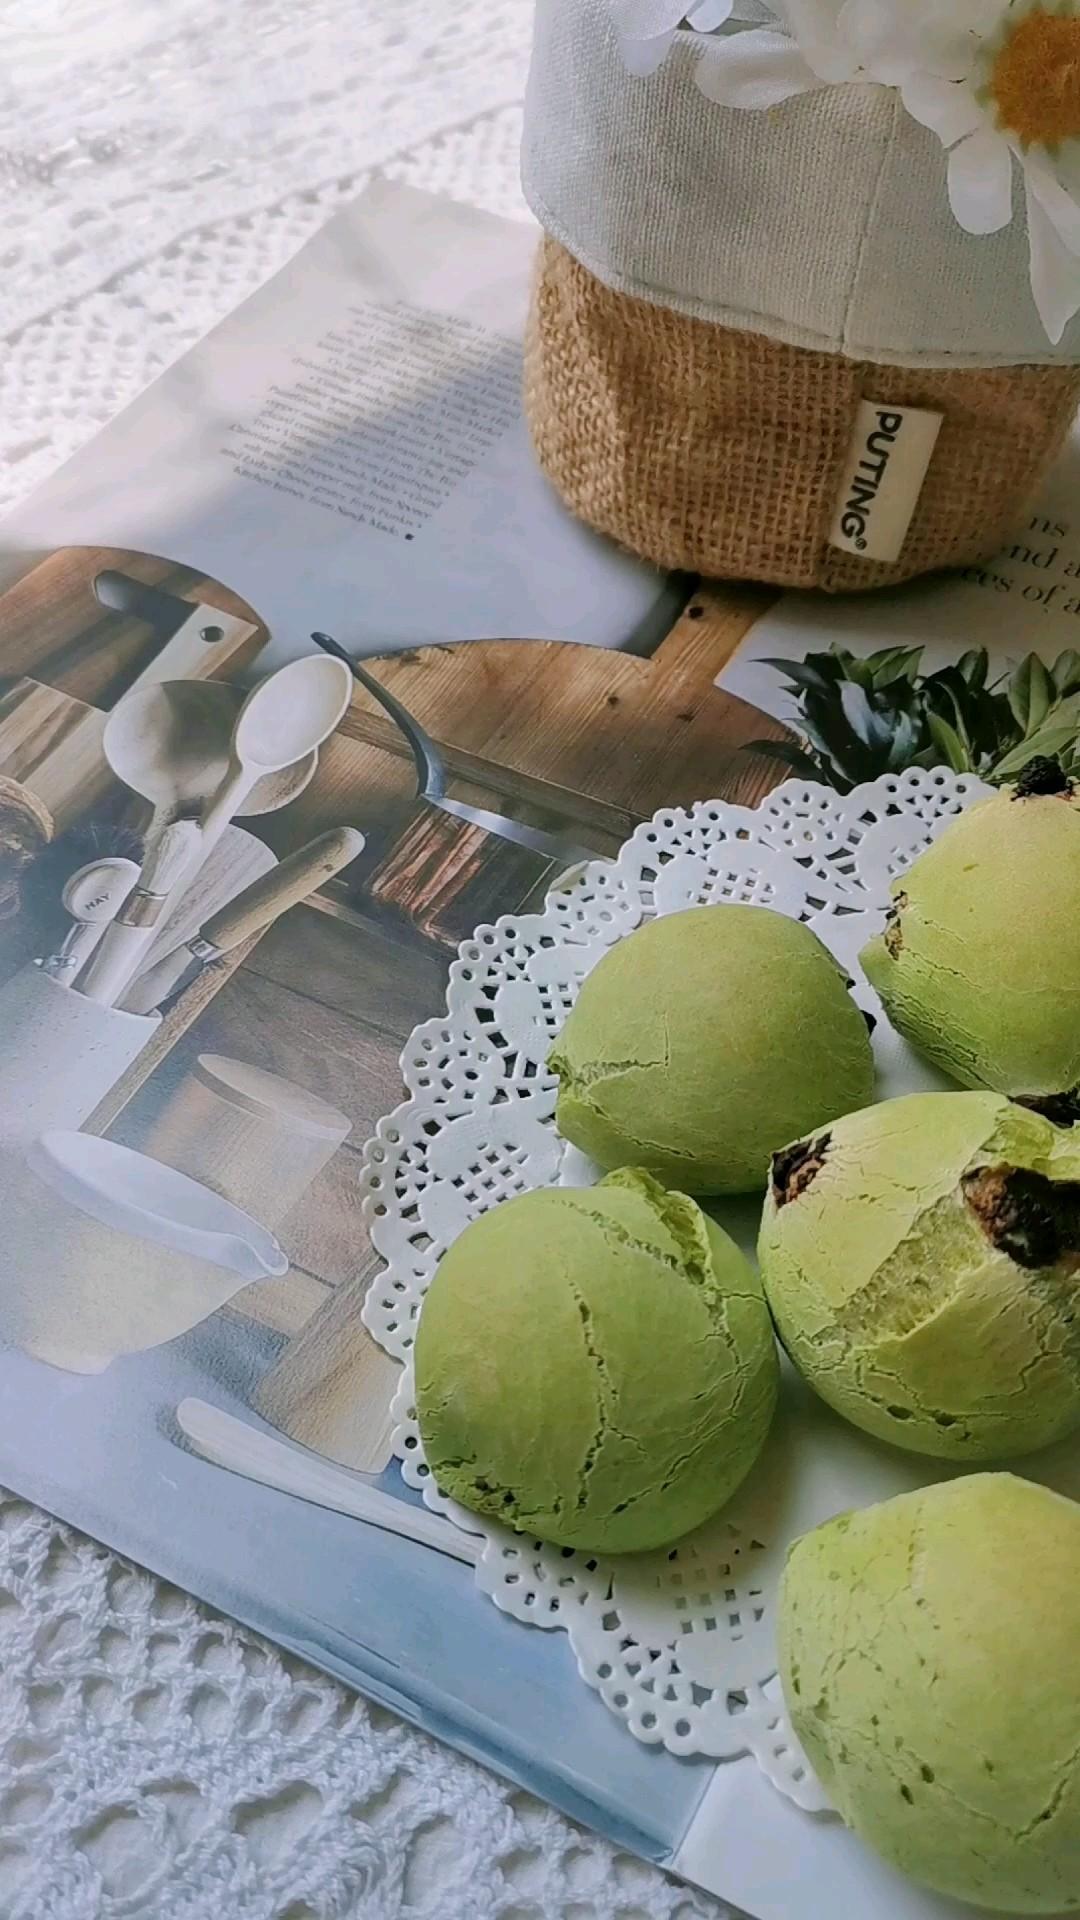 斑斓巧克力麻薯包的做法